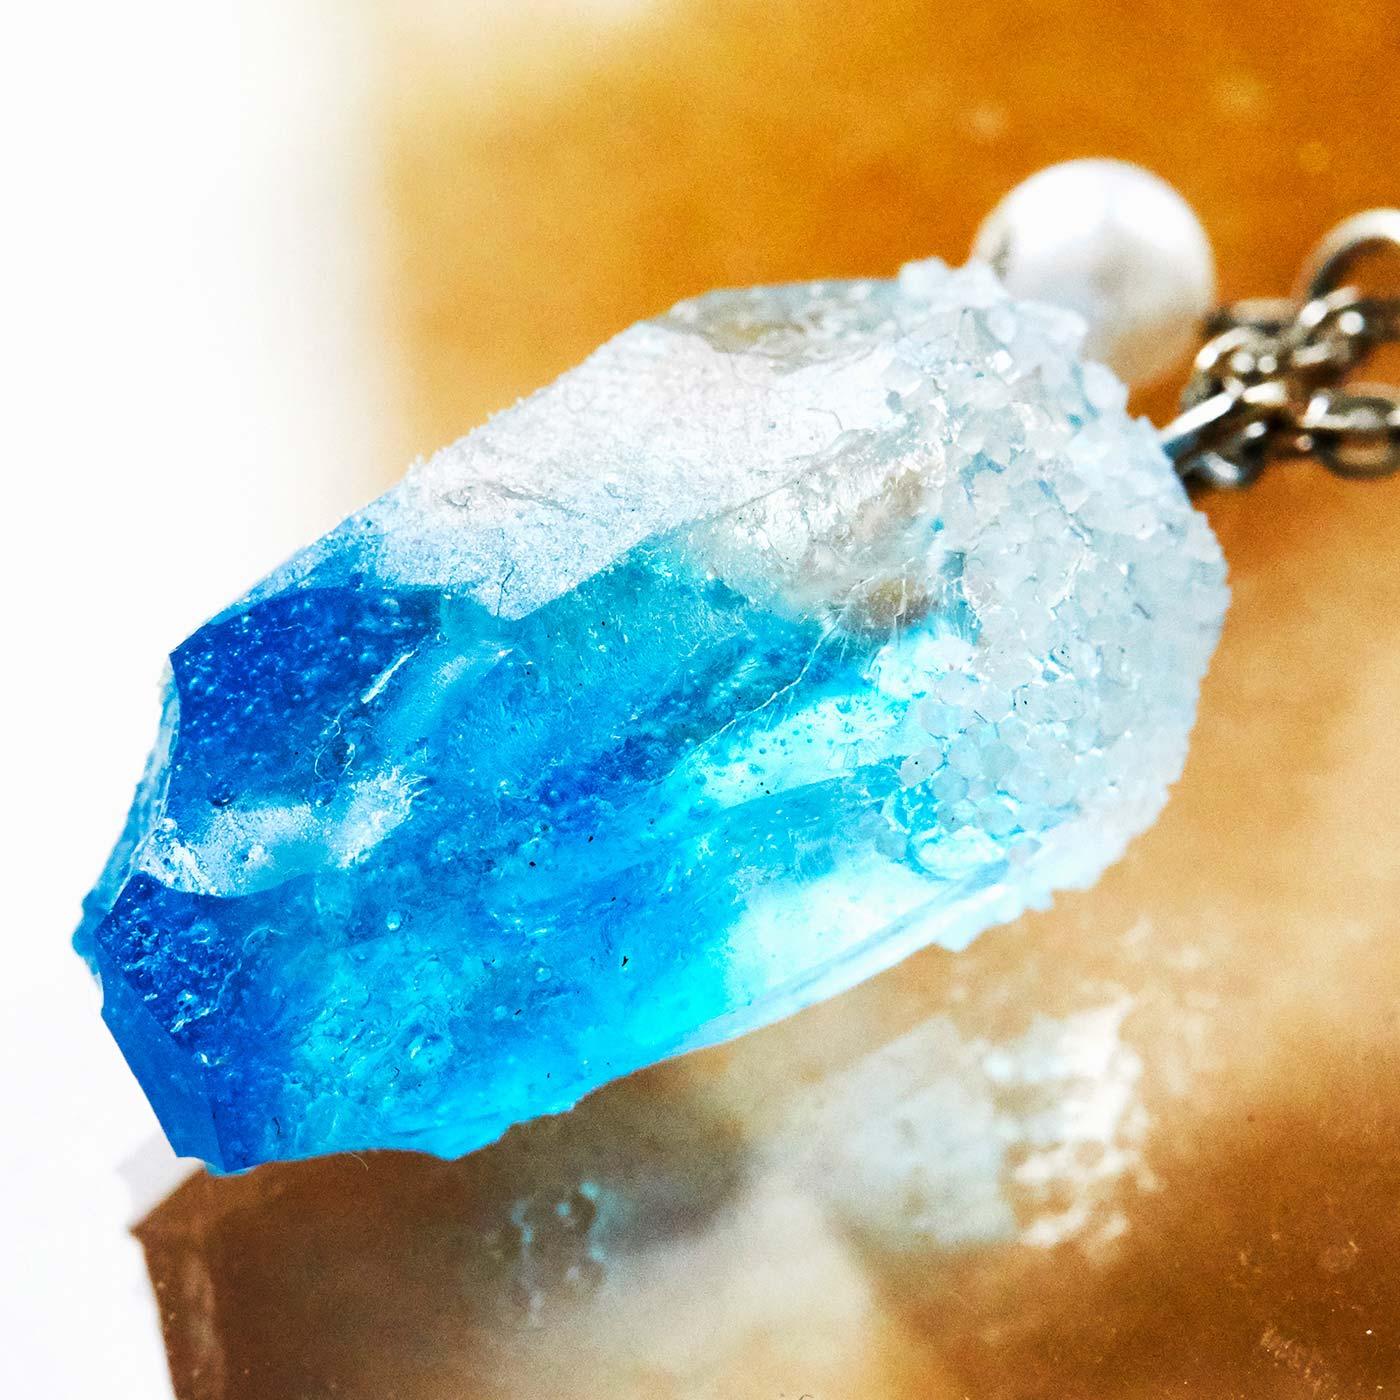 色のグラデーションや質感まで、本物の鉱物みたい。